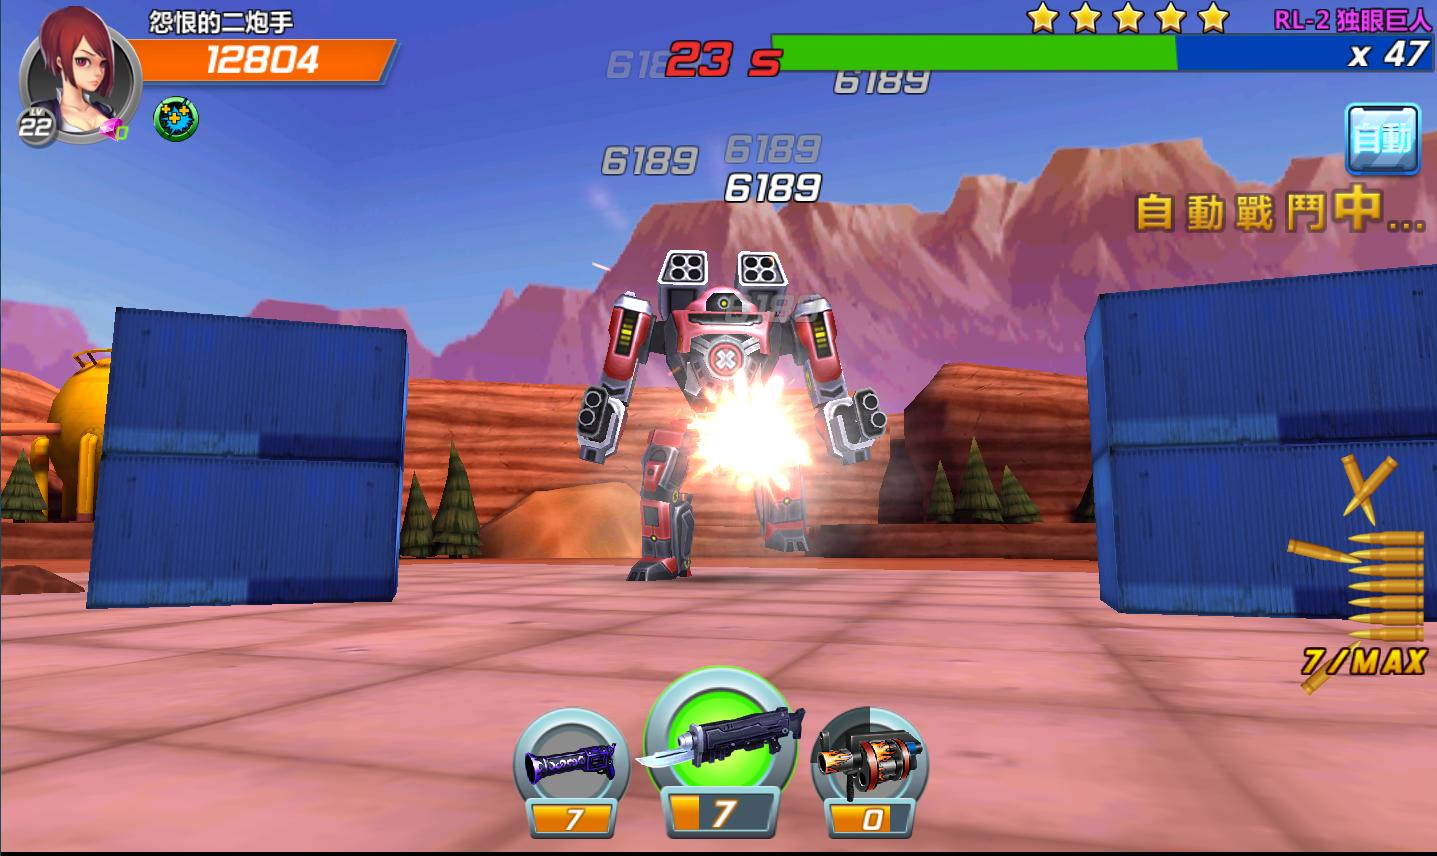 《全民戰警3D》機甲捕獲與養成